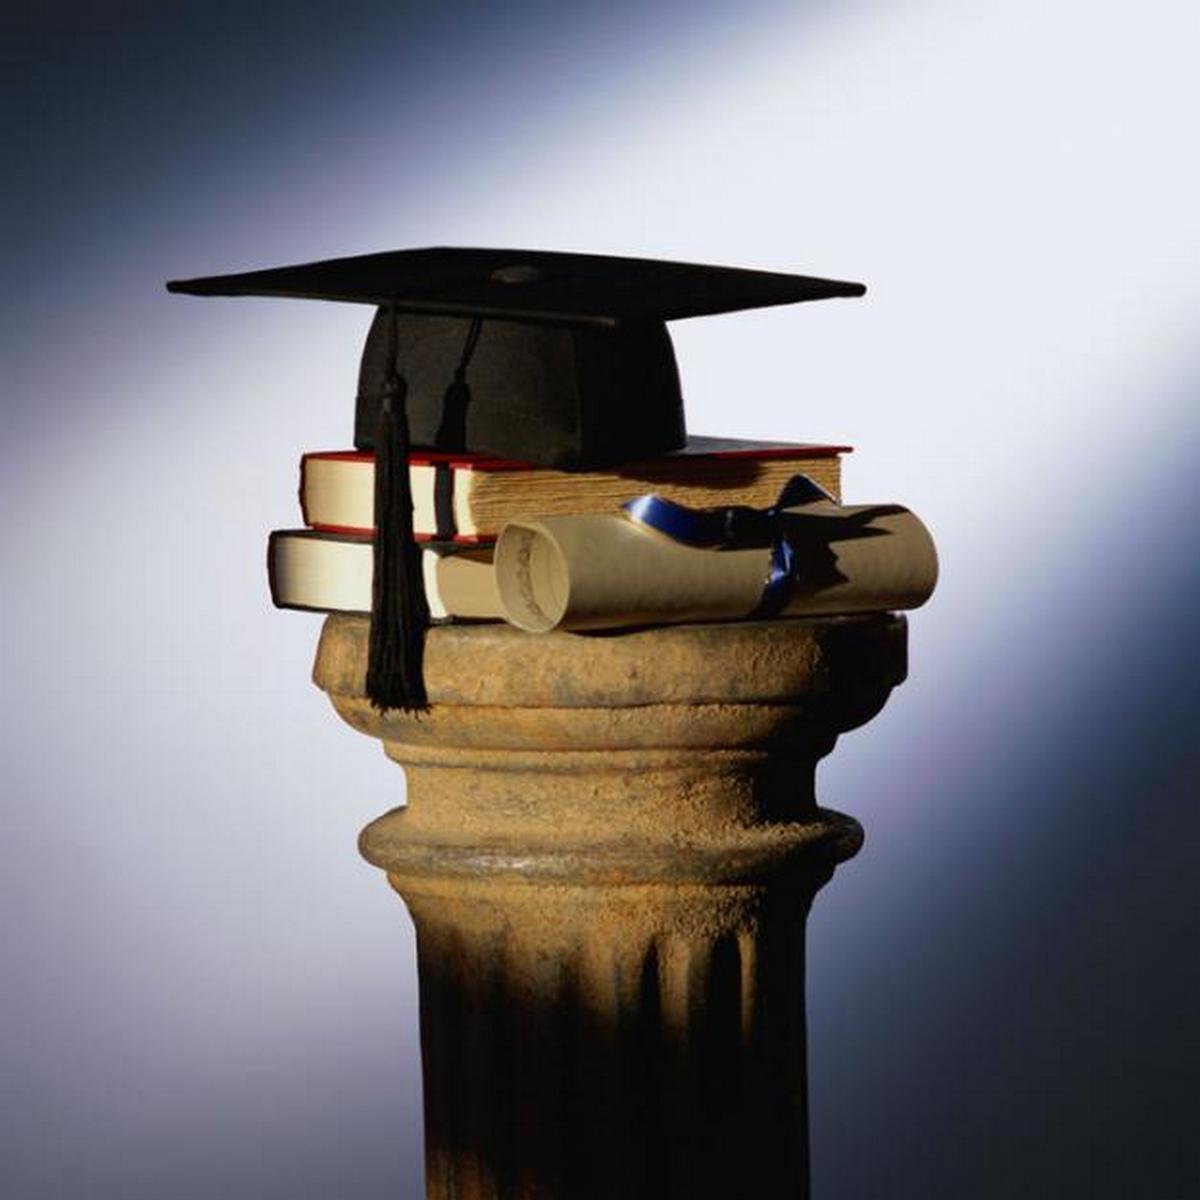 متن زیبا برای فارغ التحصیلی دانشگاه مناسبتهاي خورشيدي